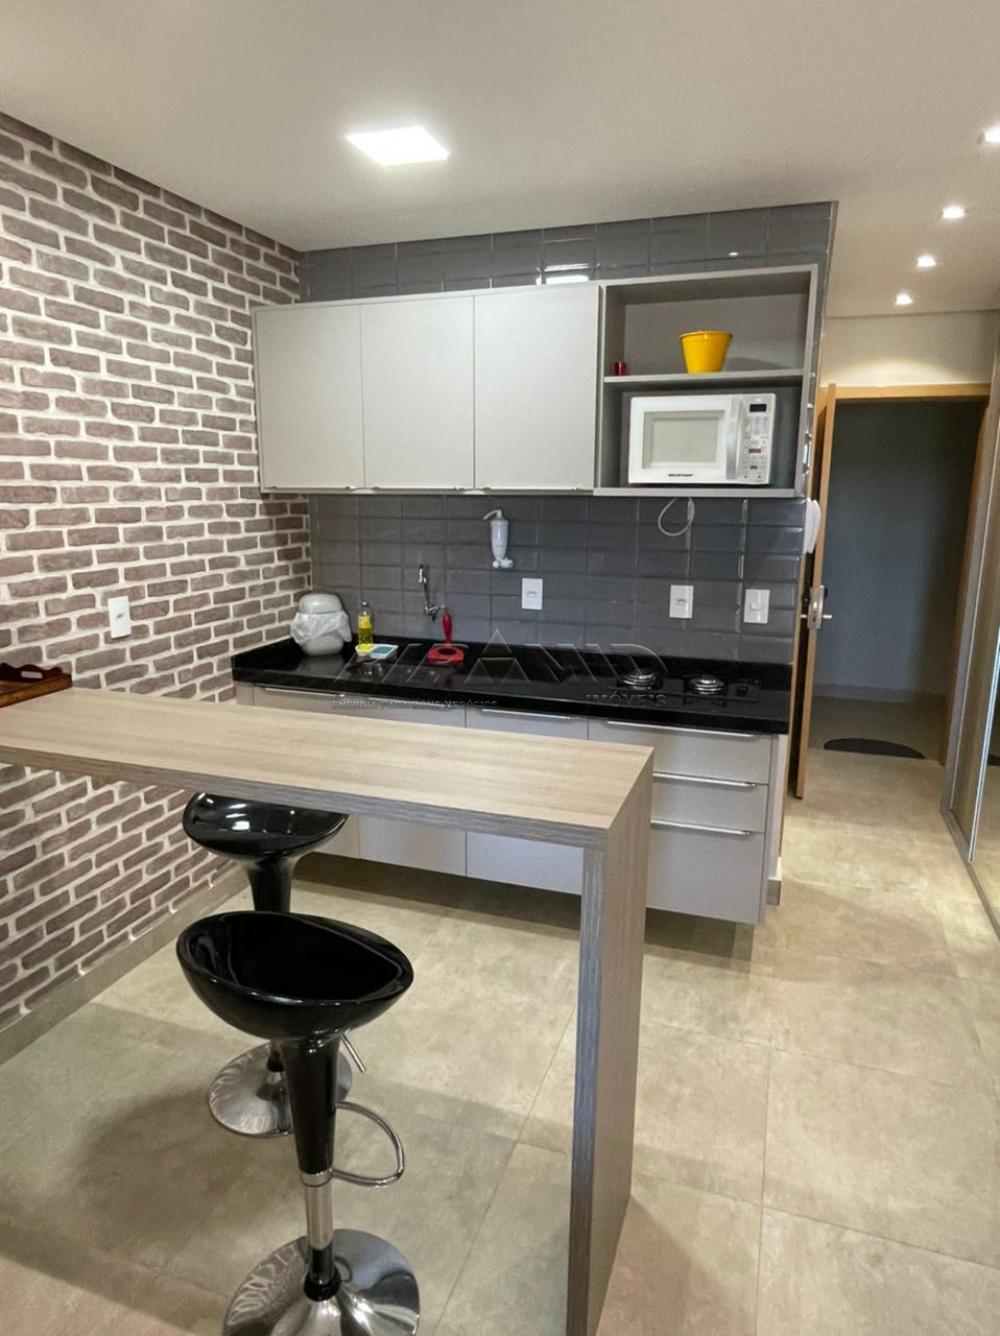 Alugar Apartamento / Flat em Ribeirão Preto R$ 1.750,00 - Foto 8